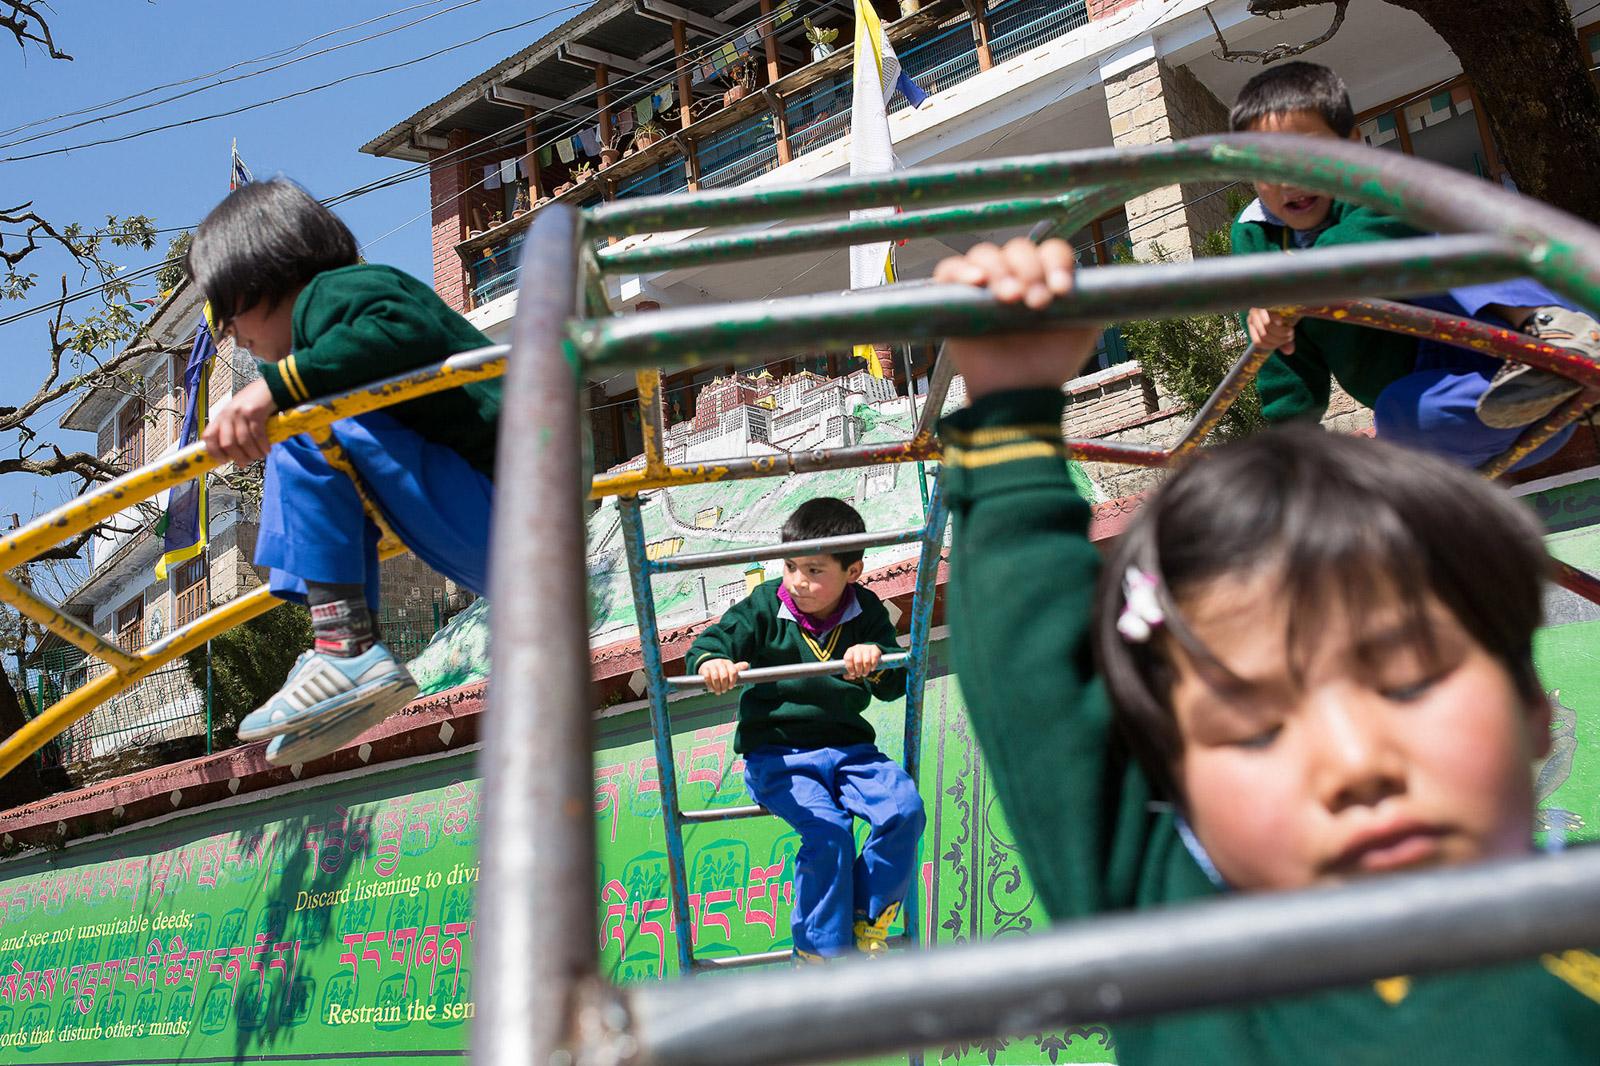 Des enfants s'amusent après leur pause déjeuner. A l'arrière-